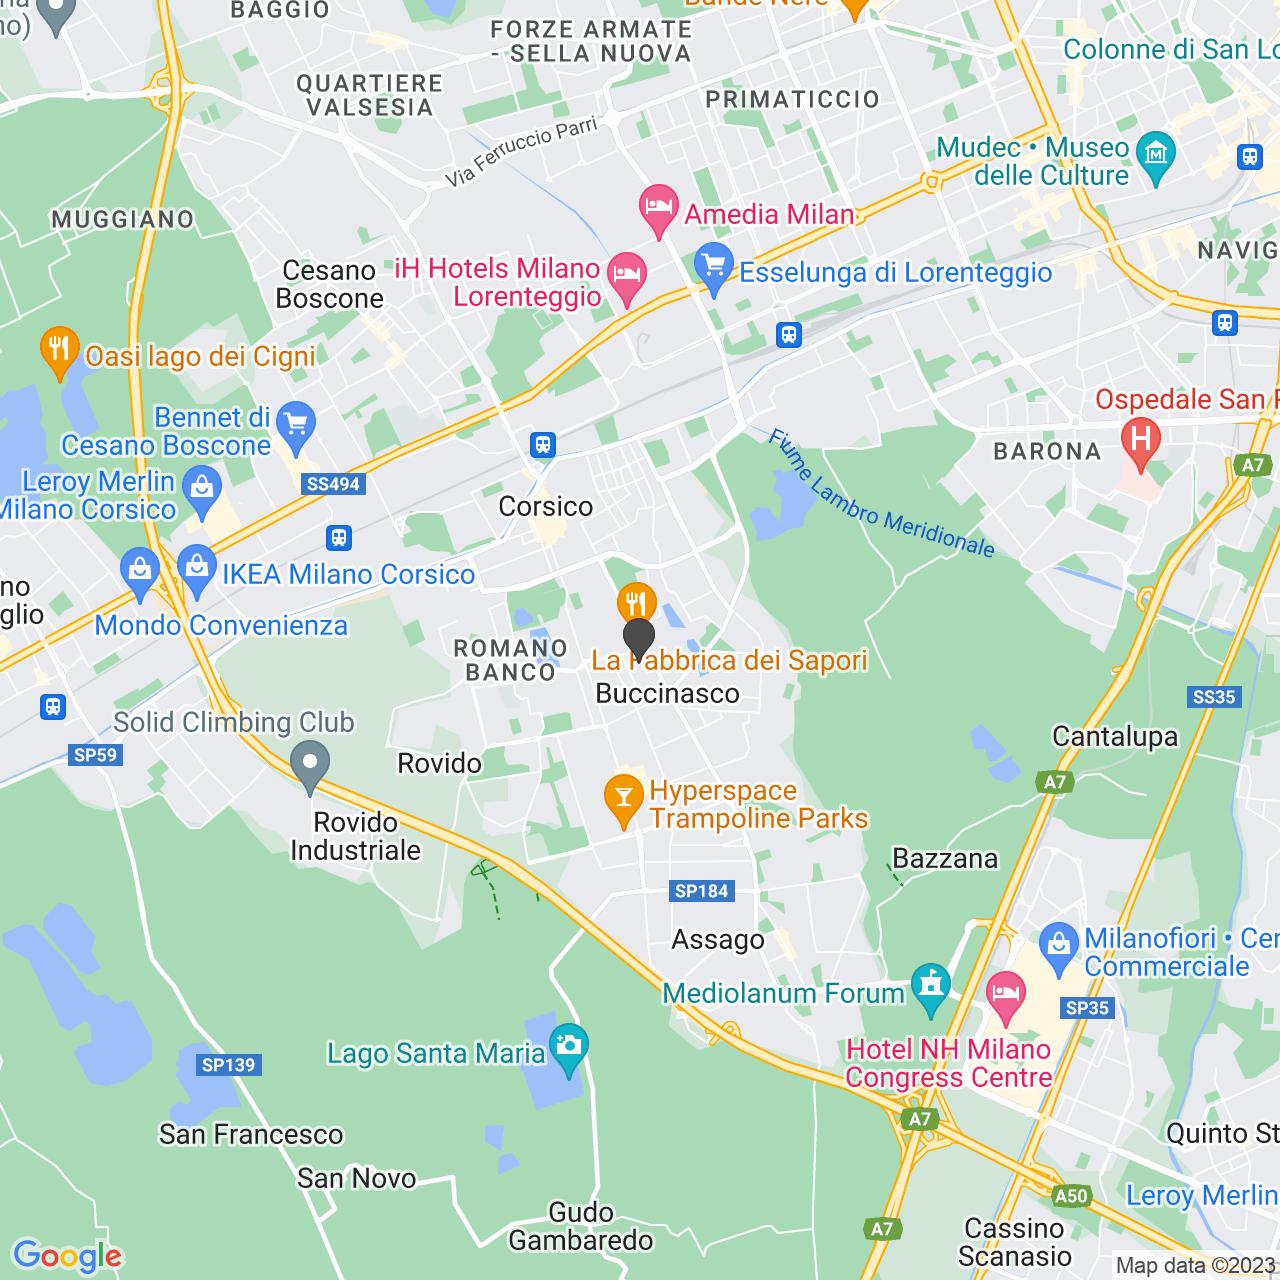 CROCE ROSSA ITALIANA - COMITATO LOCALE DI BUCCINASCO